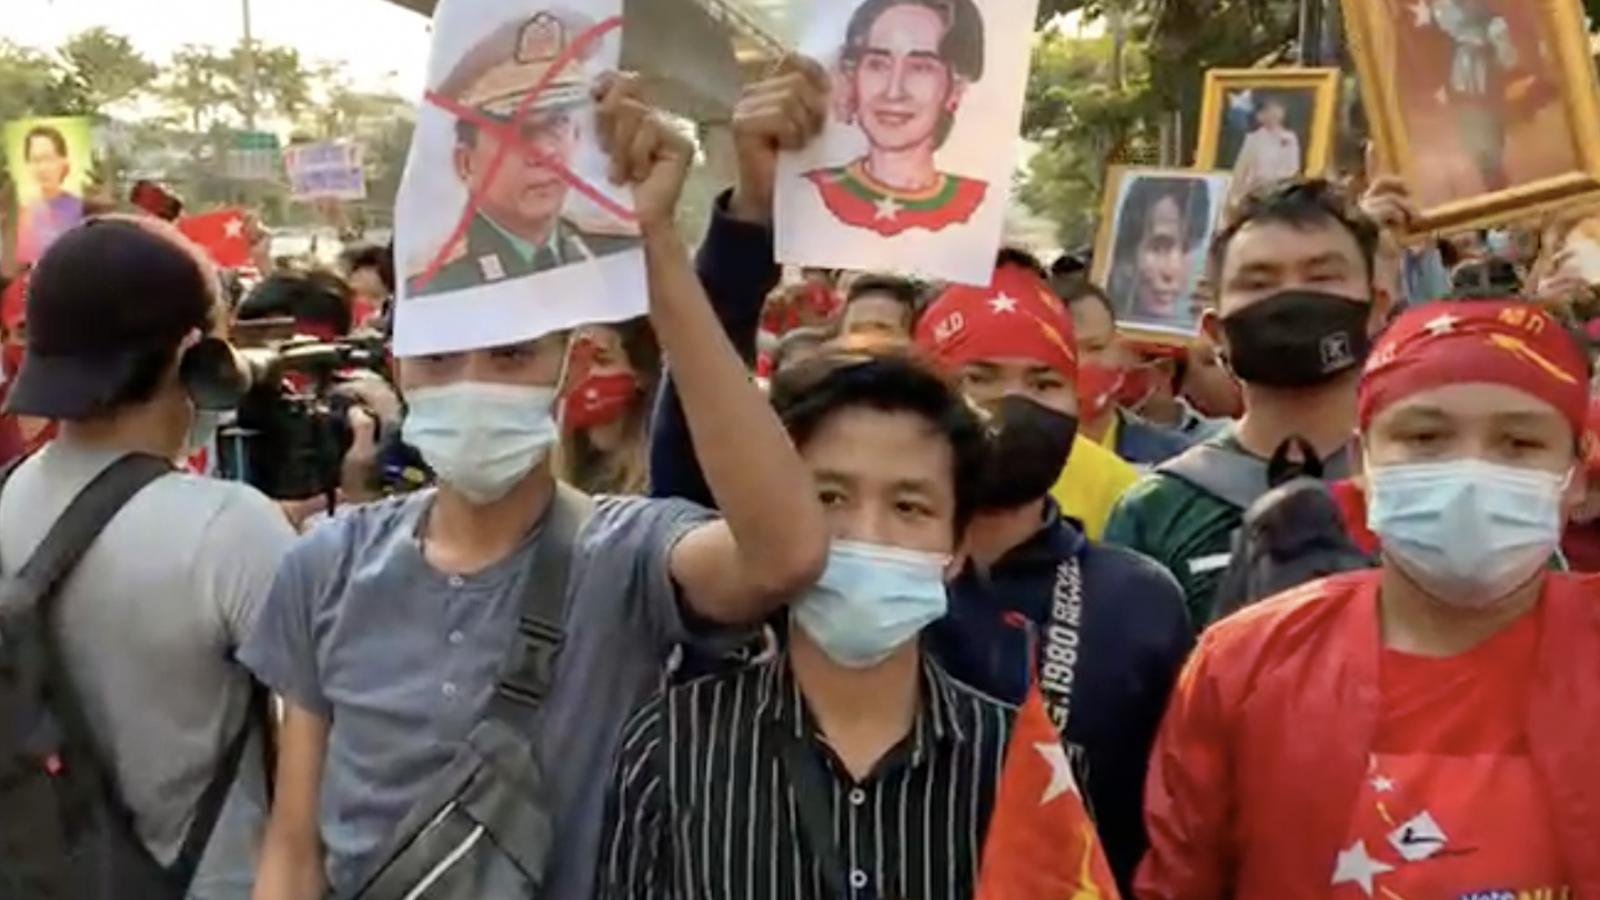 Biểu tình lớn ủng hộ Cố vấn nhà nước Myanmar San Suu Kyi tại Bangkok (Thái Lan)